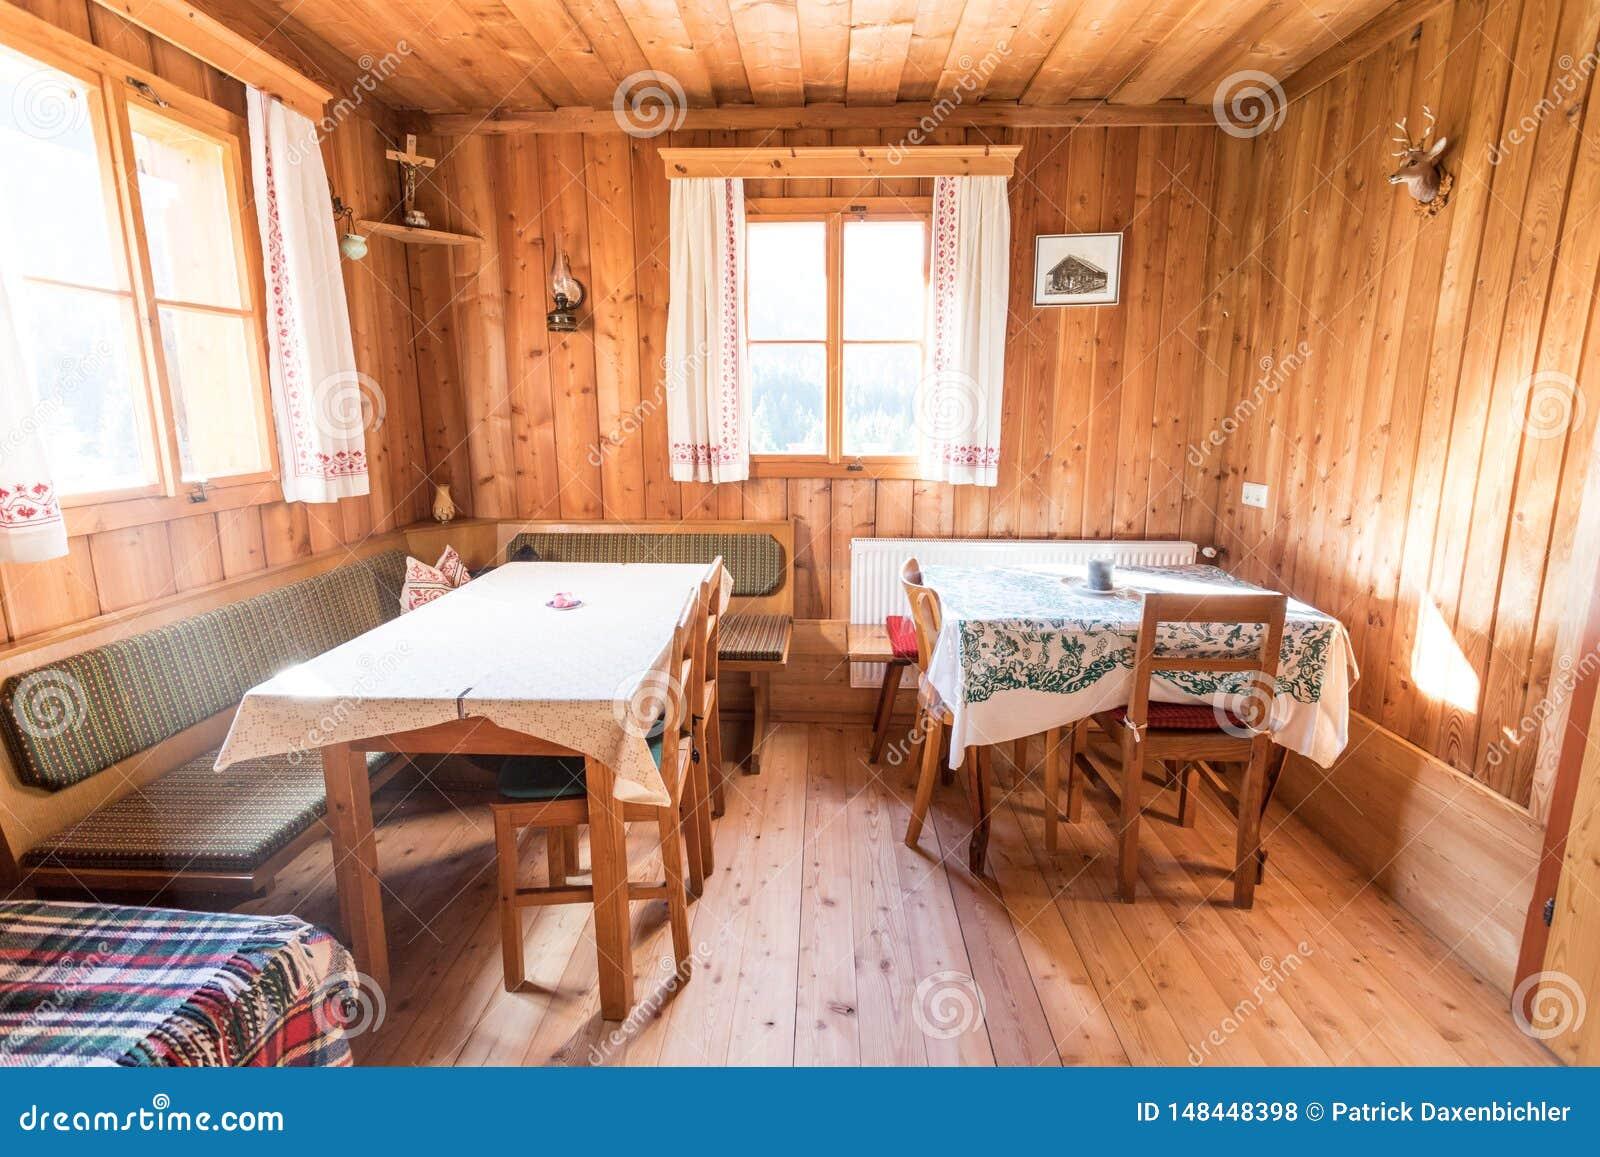 Mobilier Pour Chalet Montagne vacances en montagne : intérieur rustique en bois ancien d